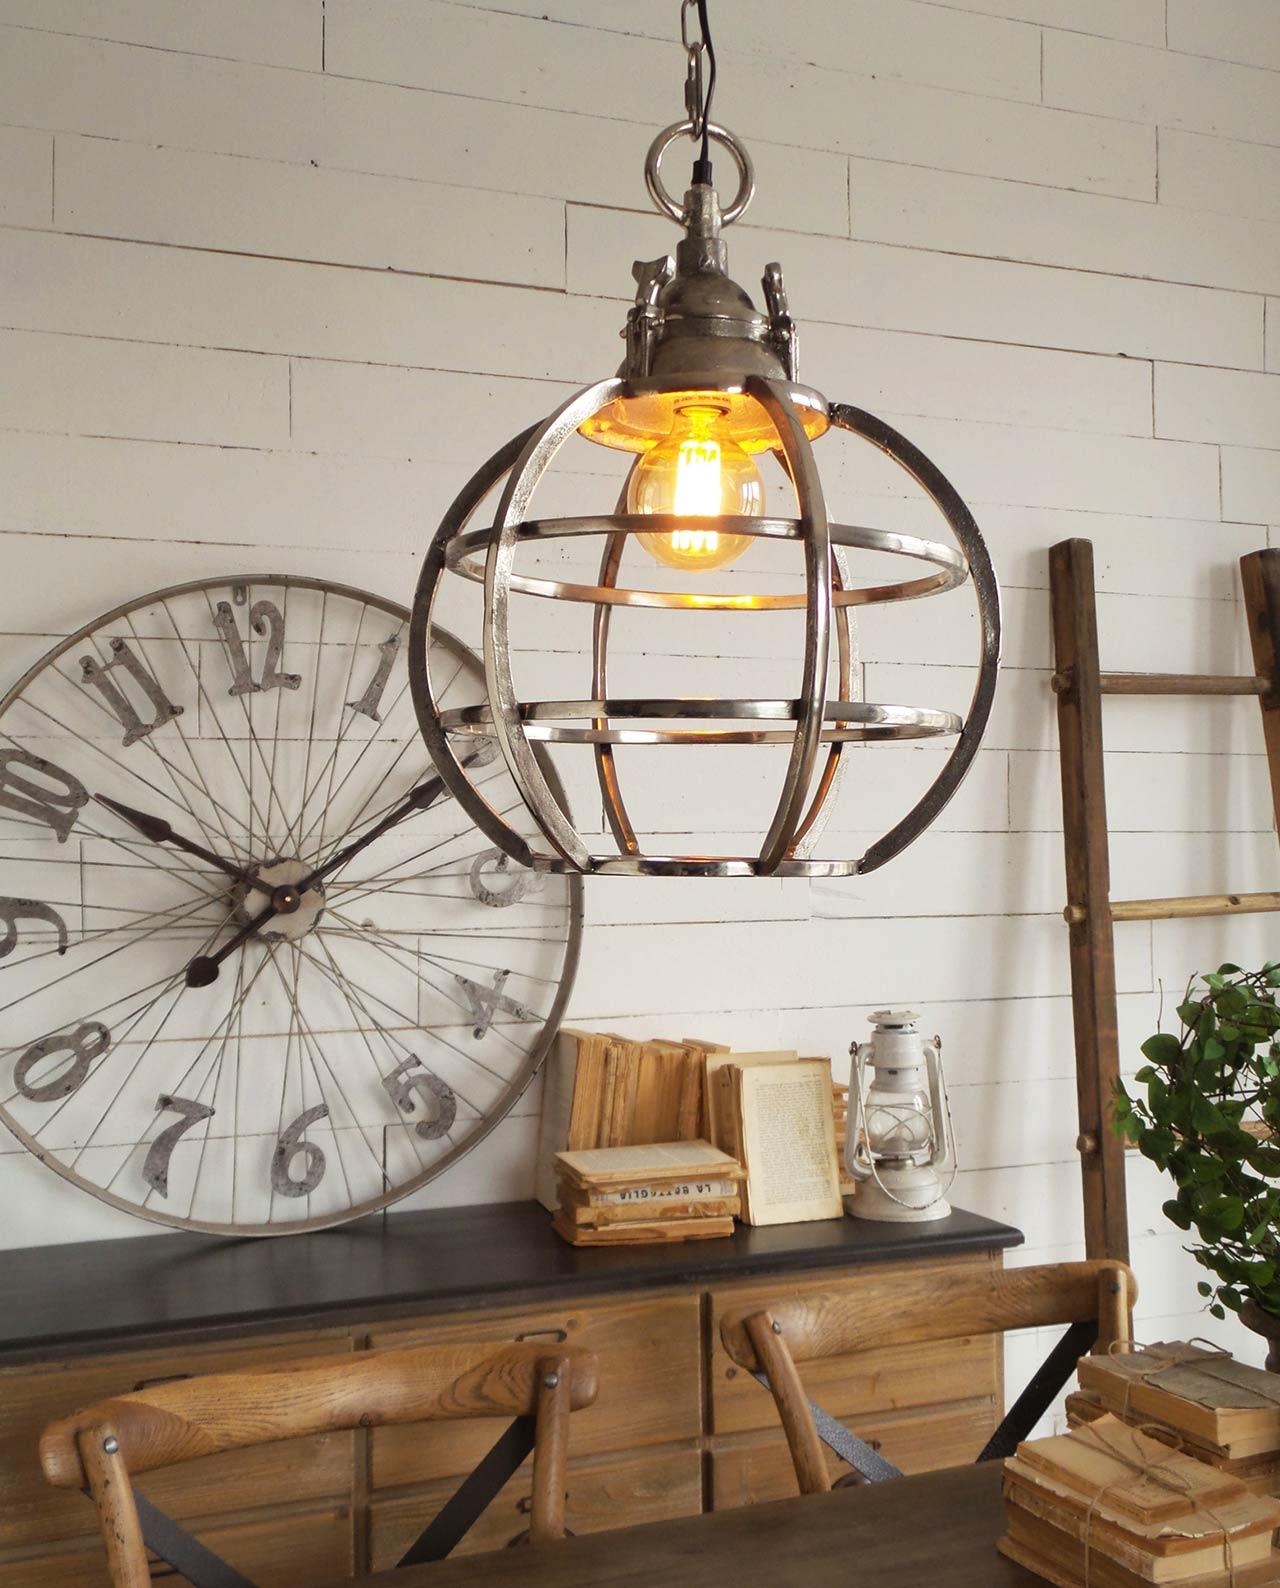 Lampadario a sfera alluminio anticato mobilia store home for Mobilia recensioni